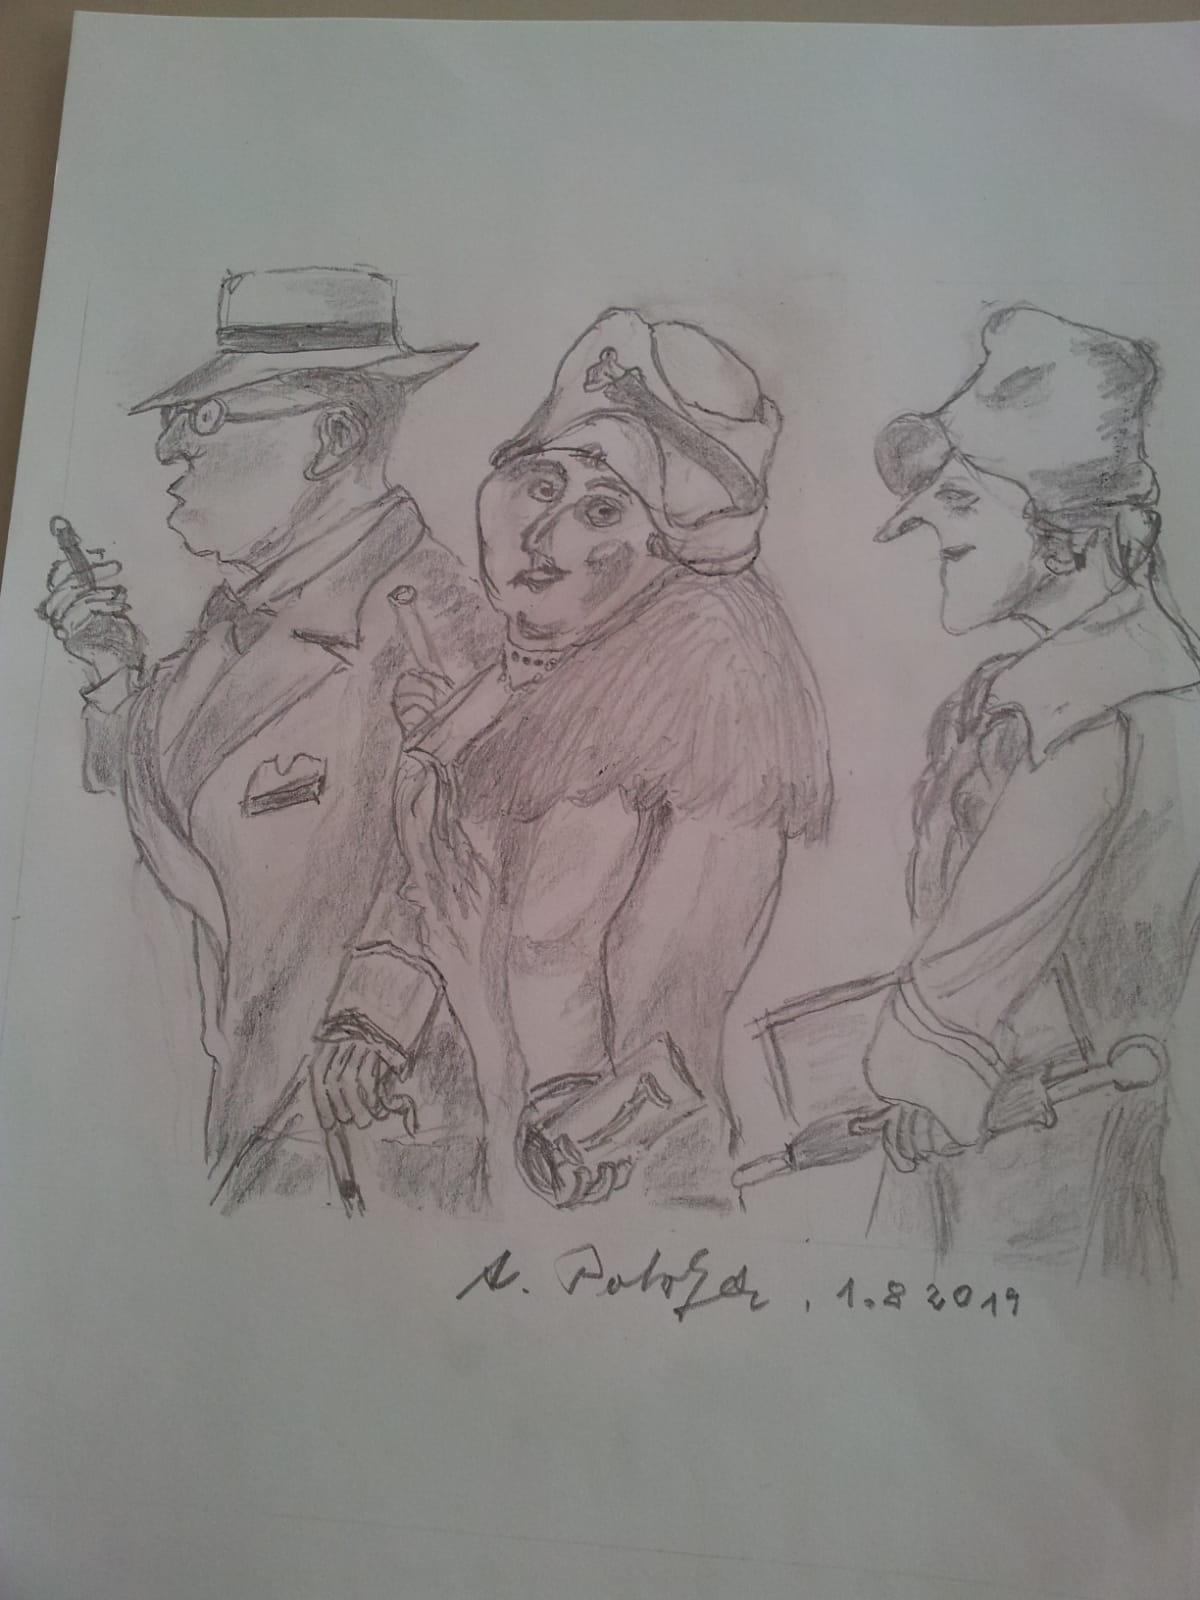 Drei gezeichnete Figuren auf einem Blatt Papier.